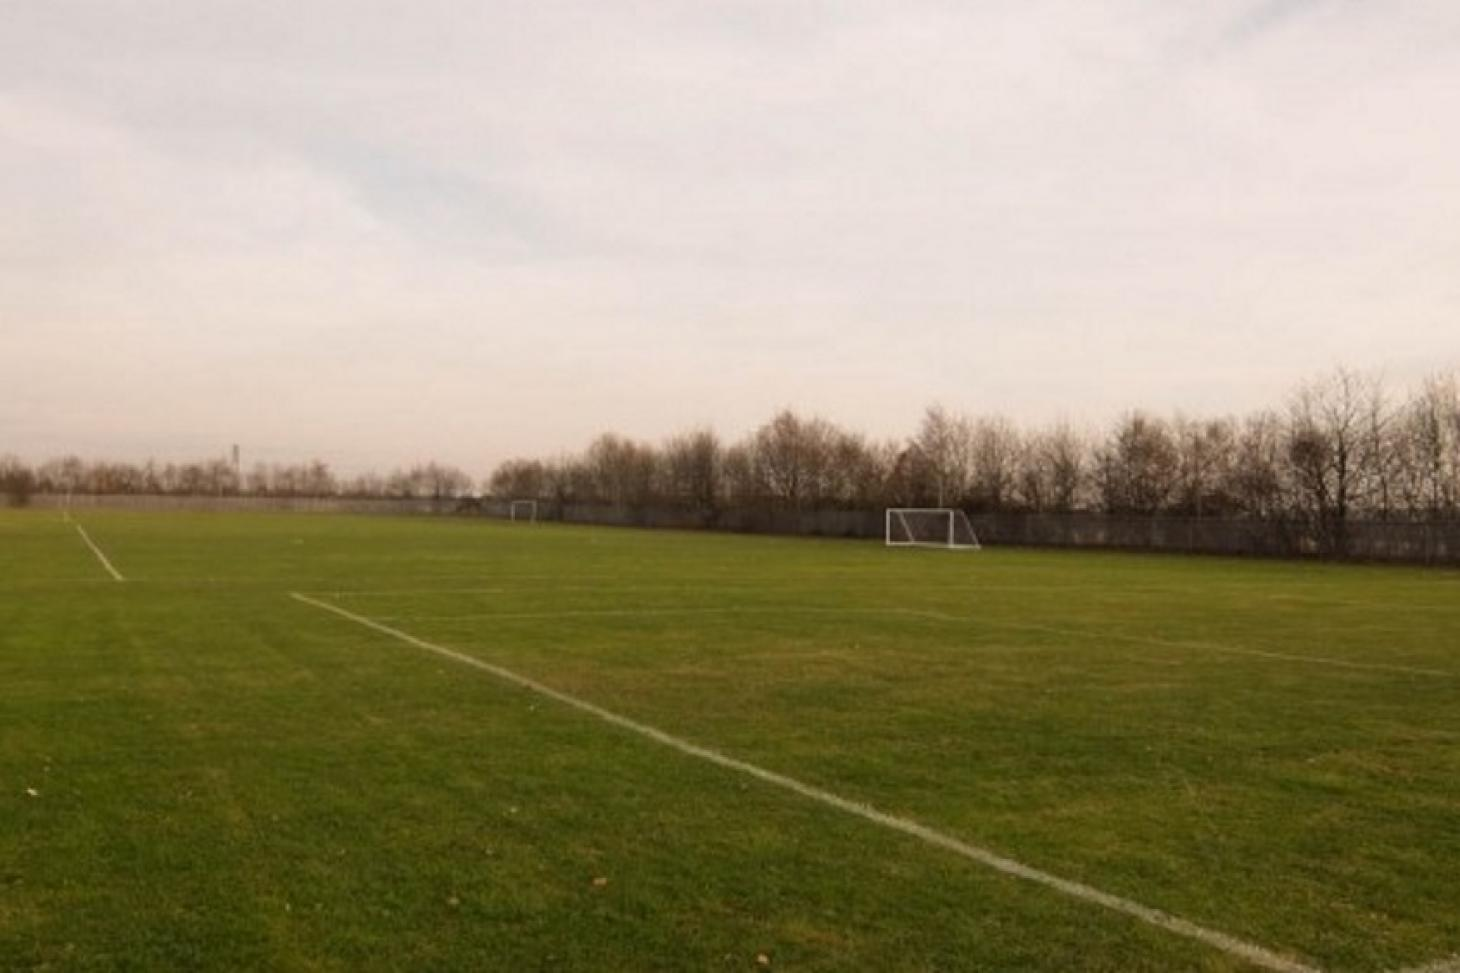 Harris Academy Rainham 7 a side | Grass football pitch